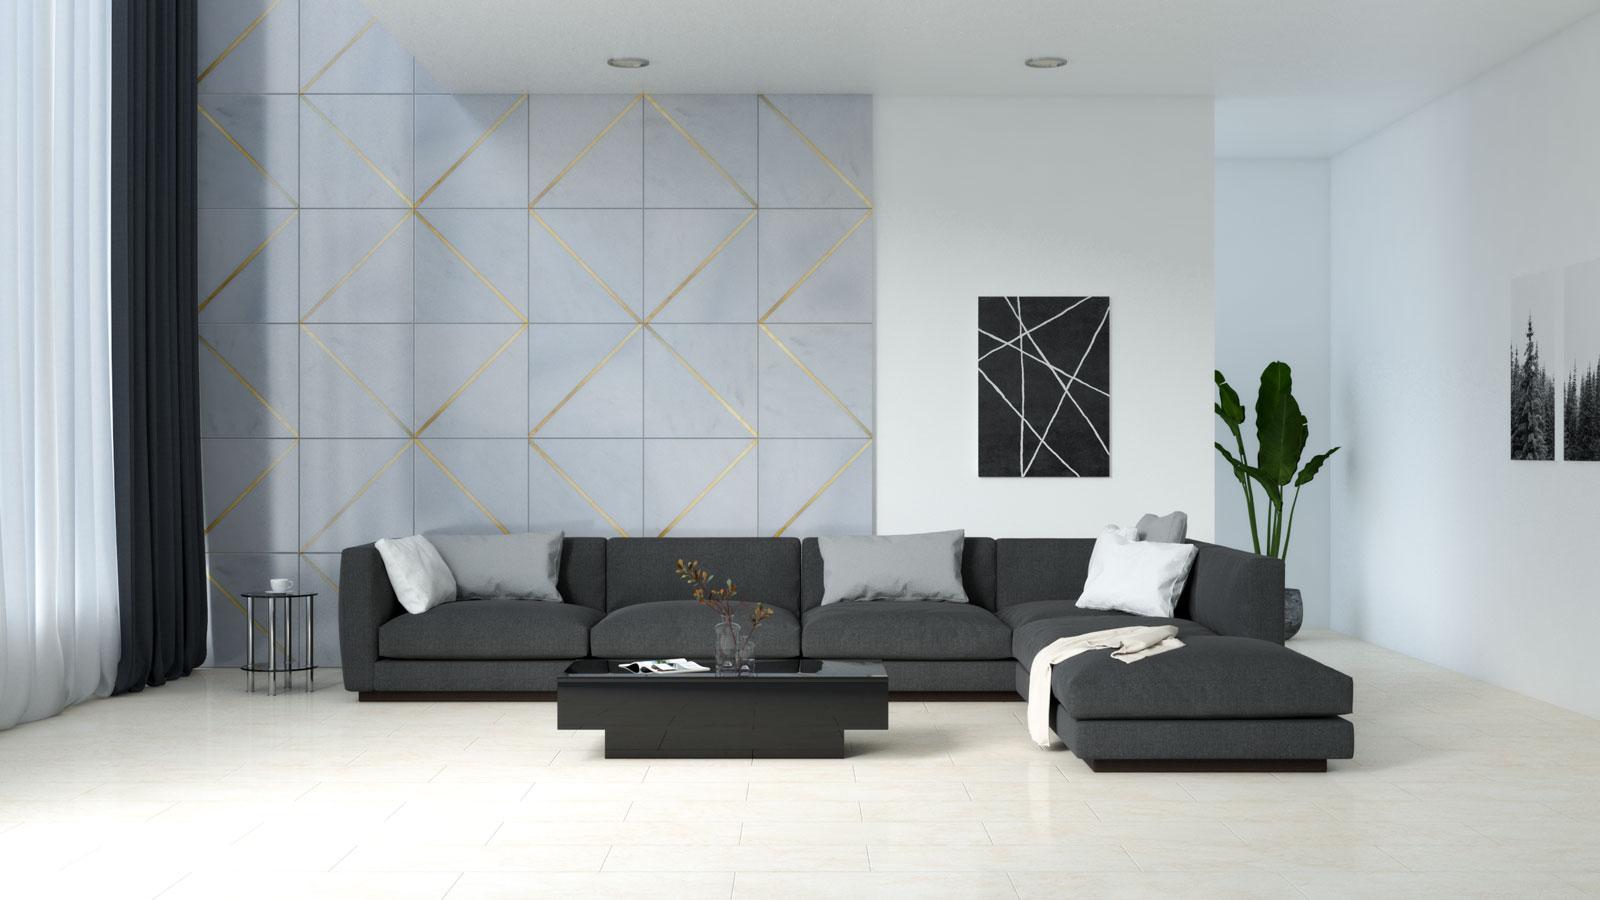 Black furniture with cream tile flooring